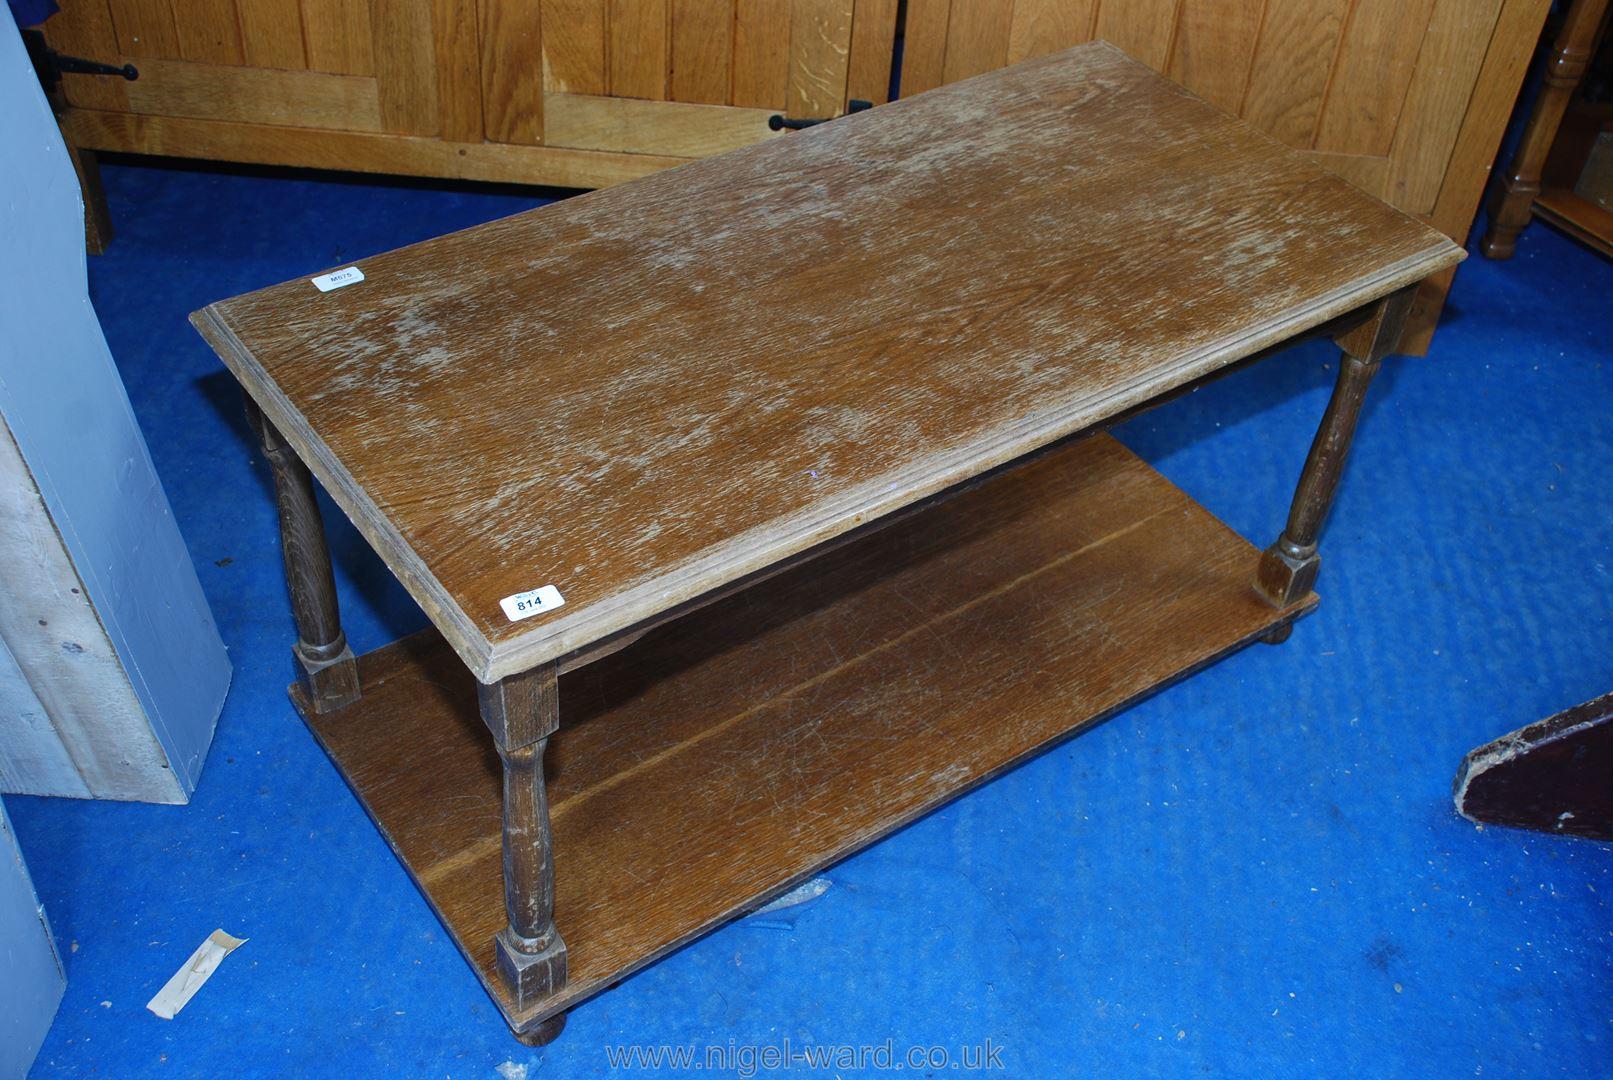 An oak coffee table with lower shelf.